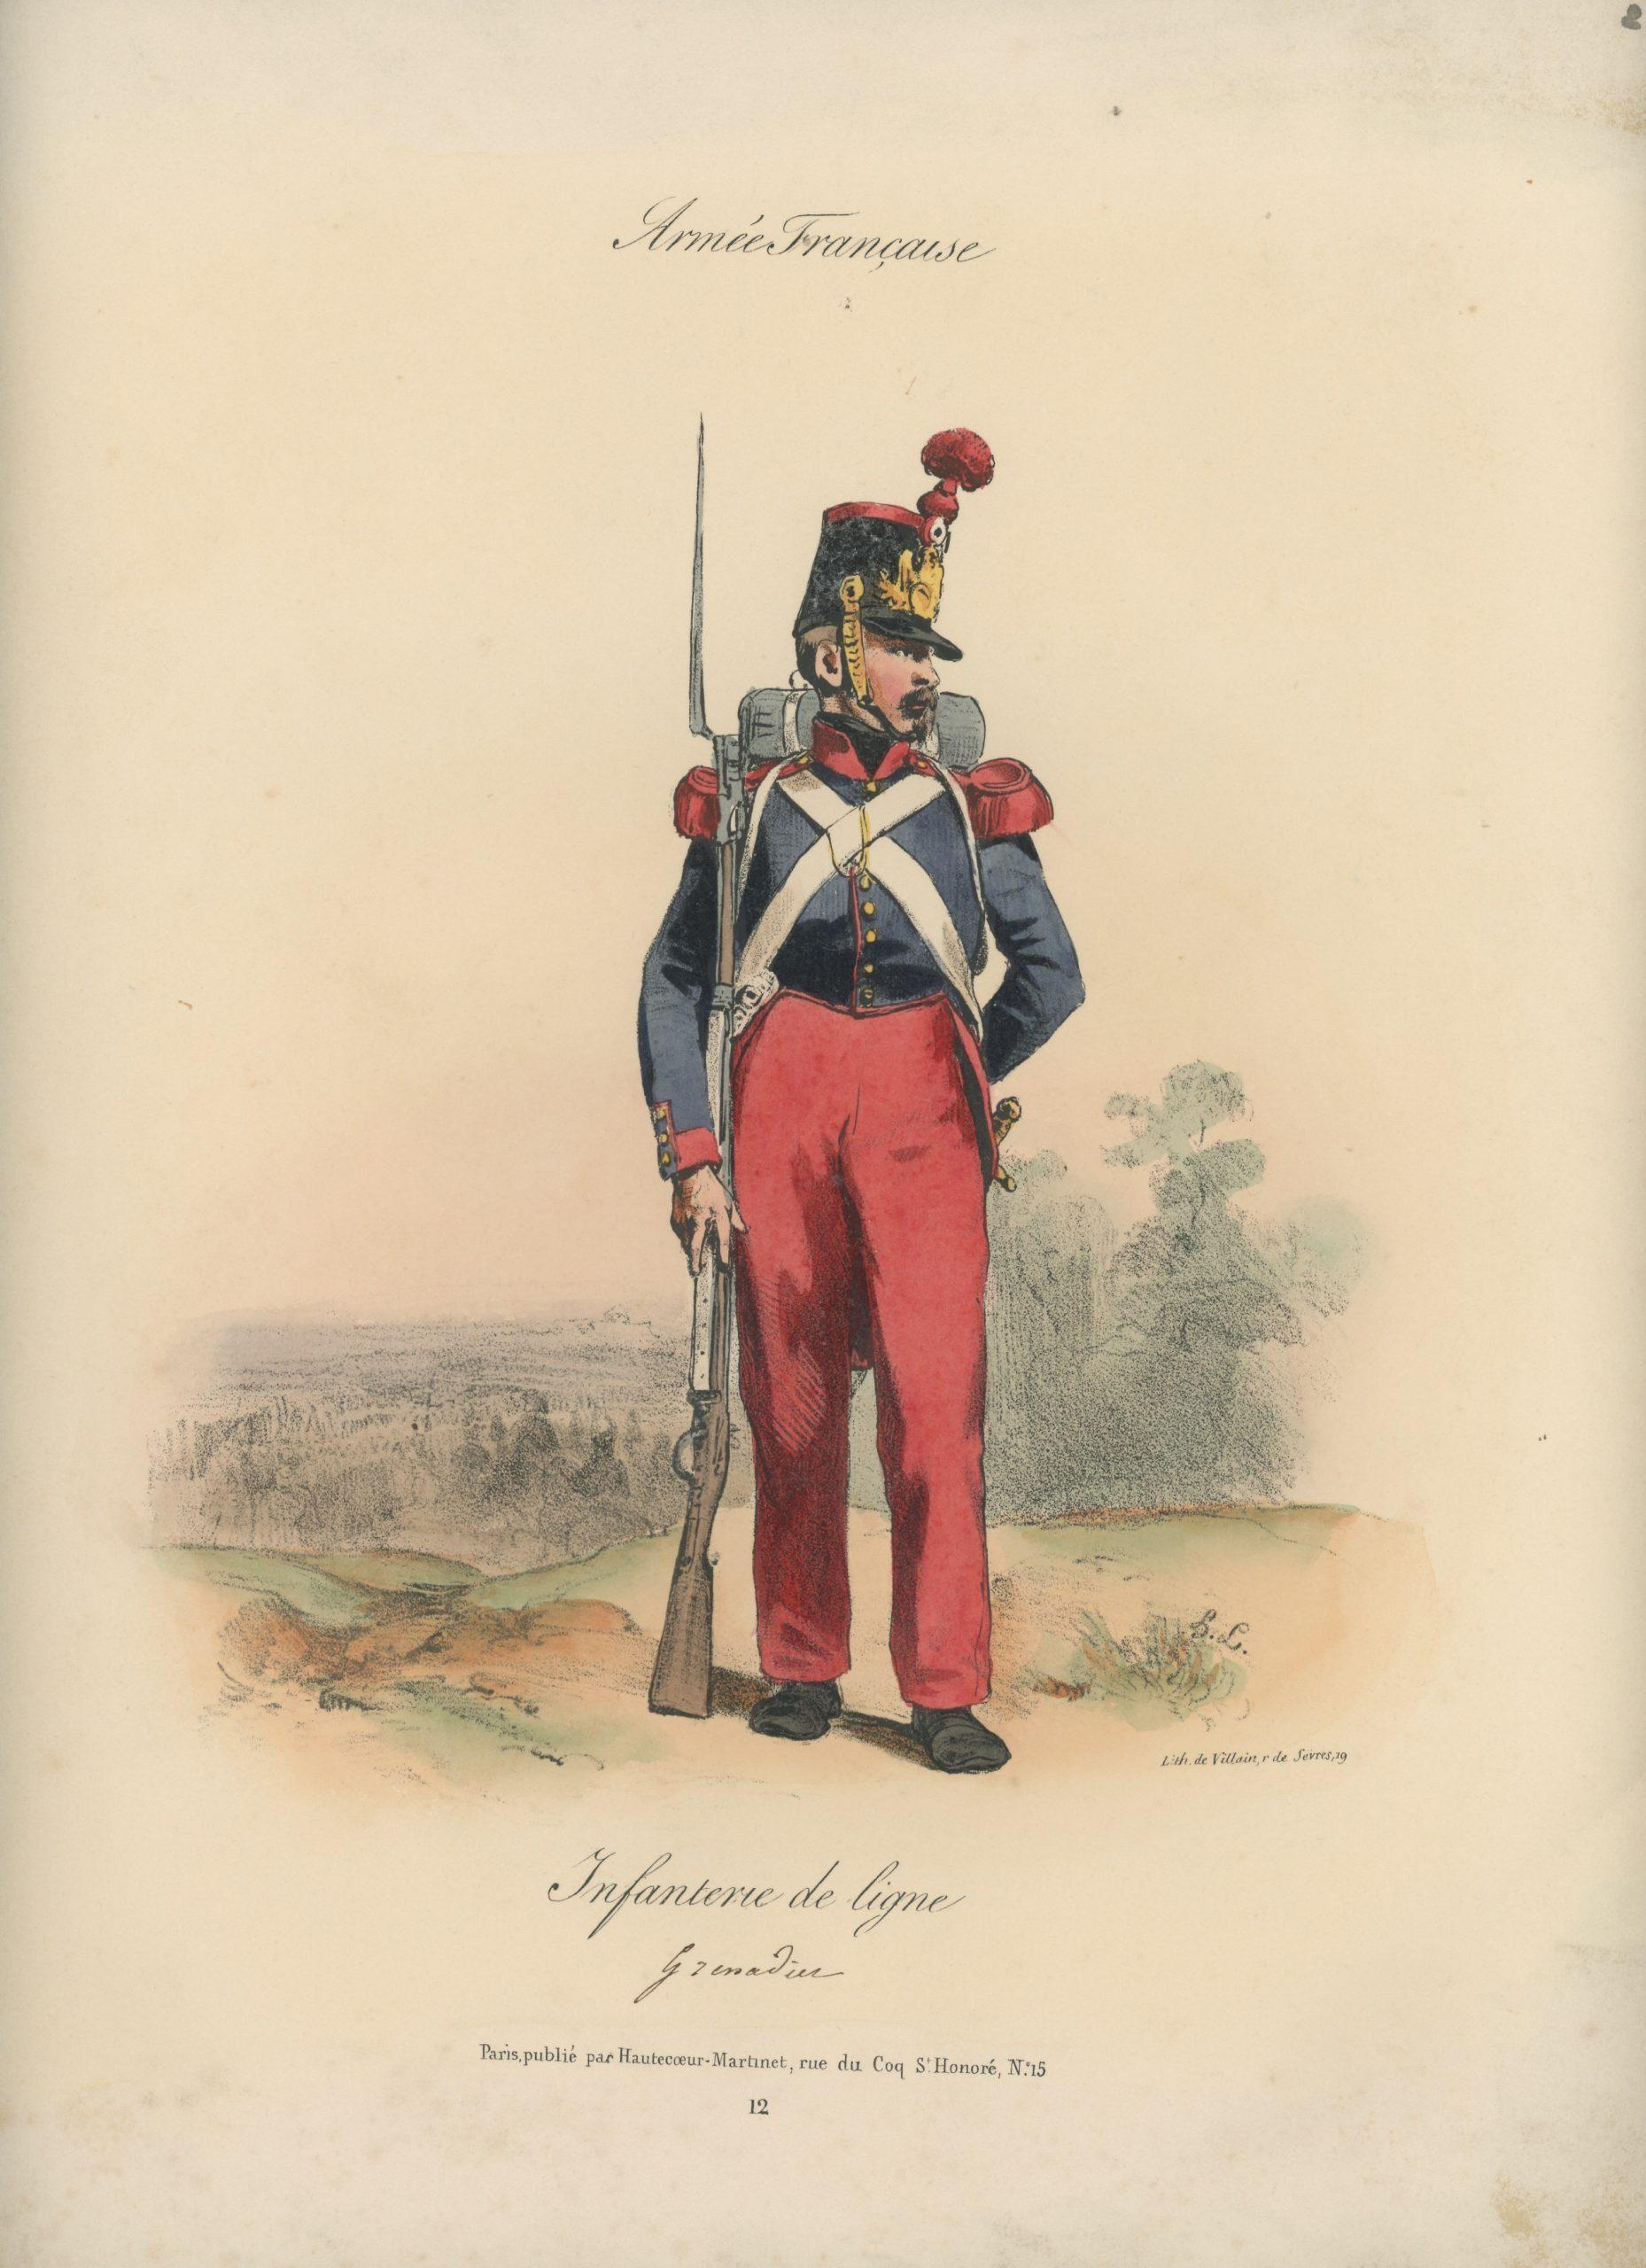 Gravure XIX - Martinet - L'armée française - Uniforme -Soldat - Monarchie de Juillet - 1830 et 1848 - Infanterie de Ligne Grenadier